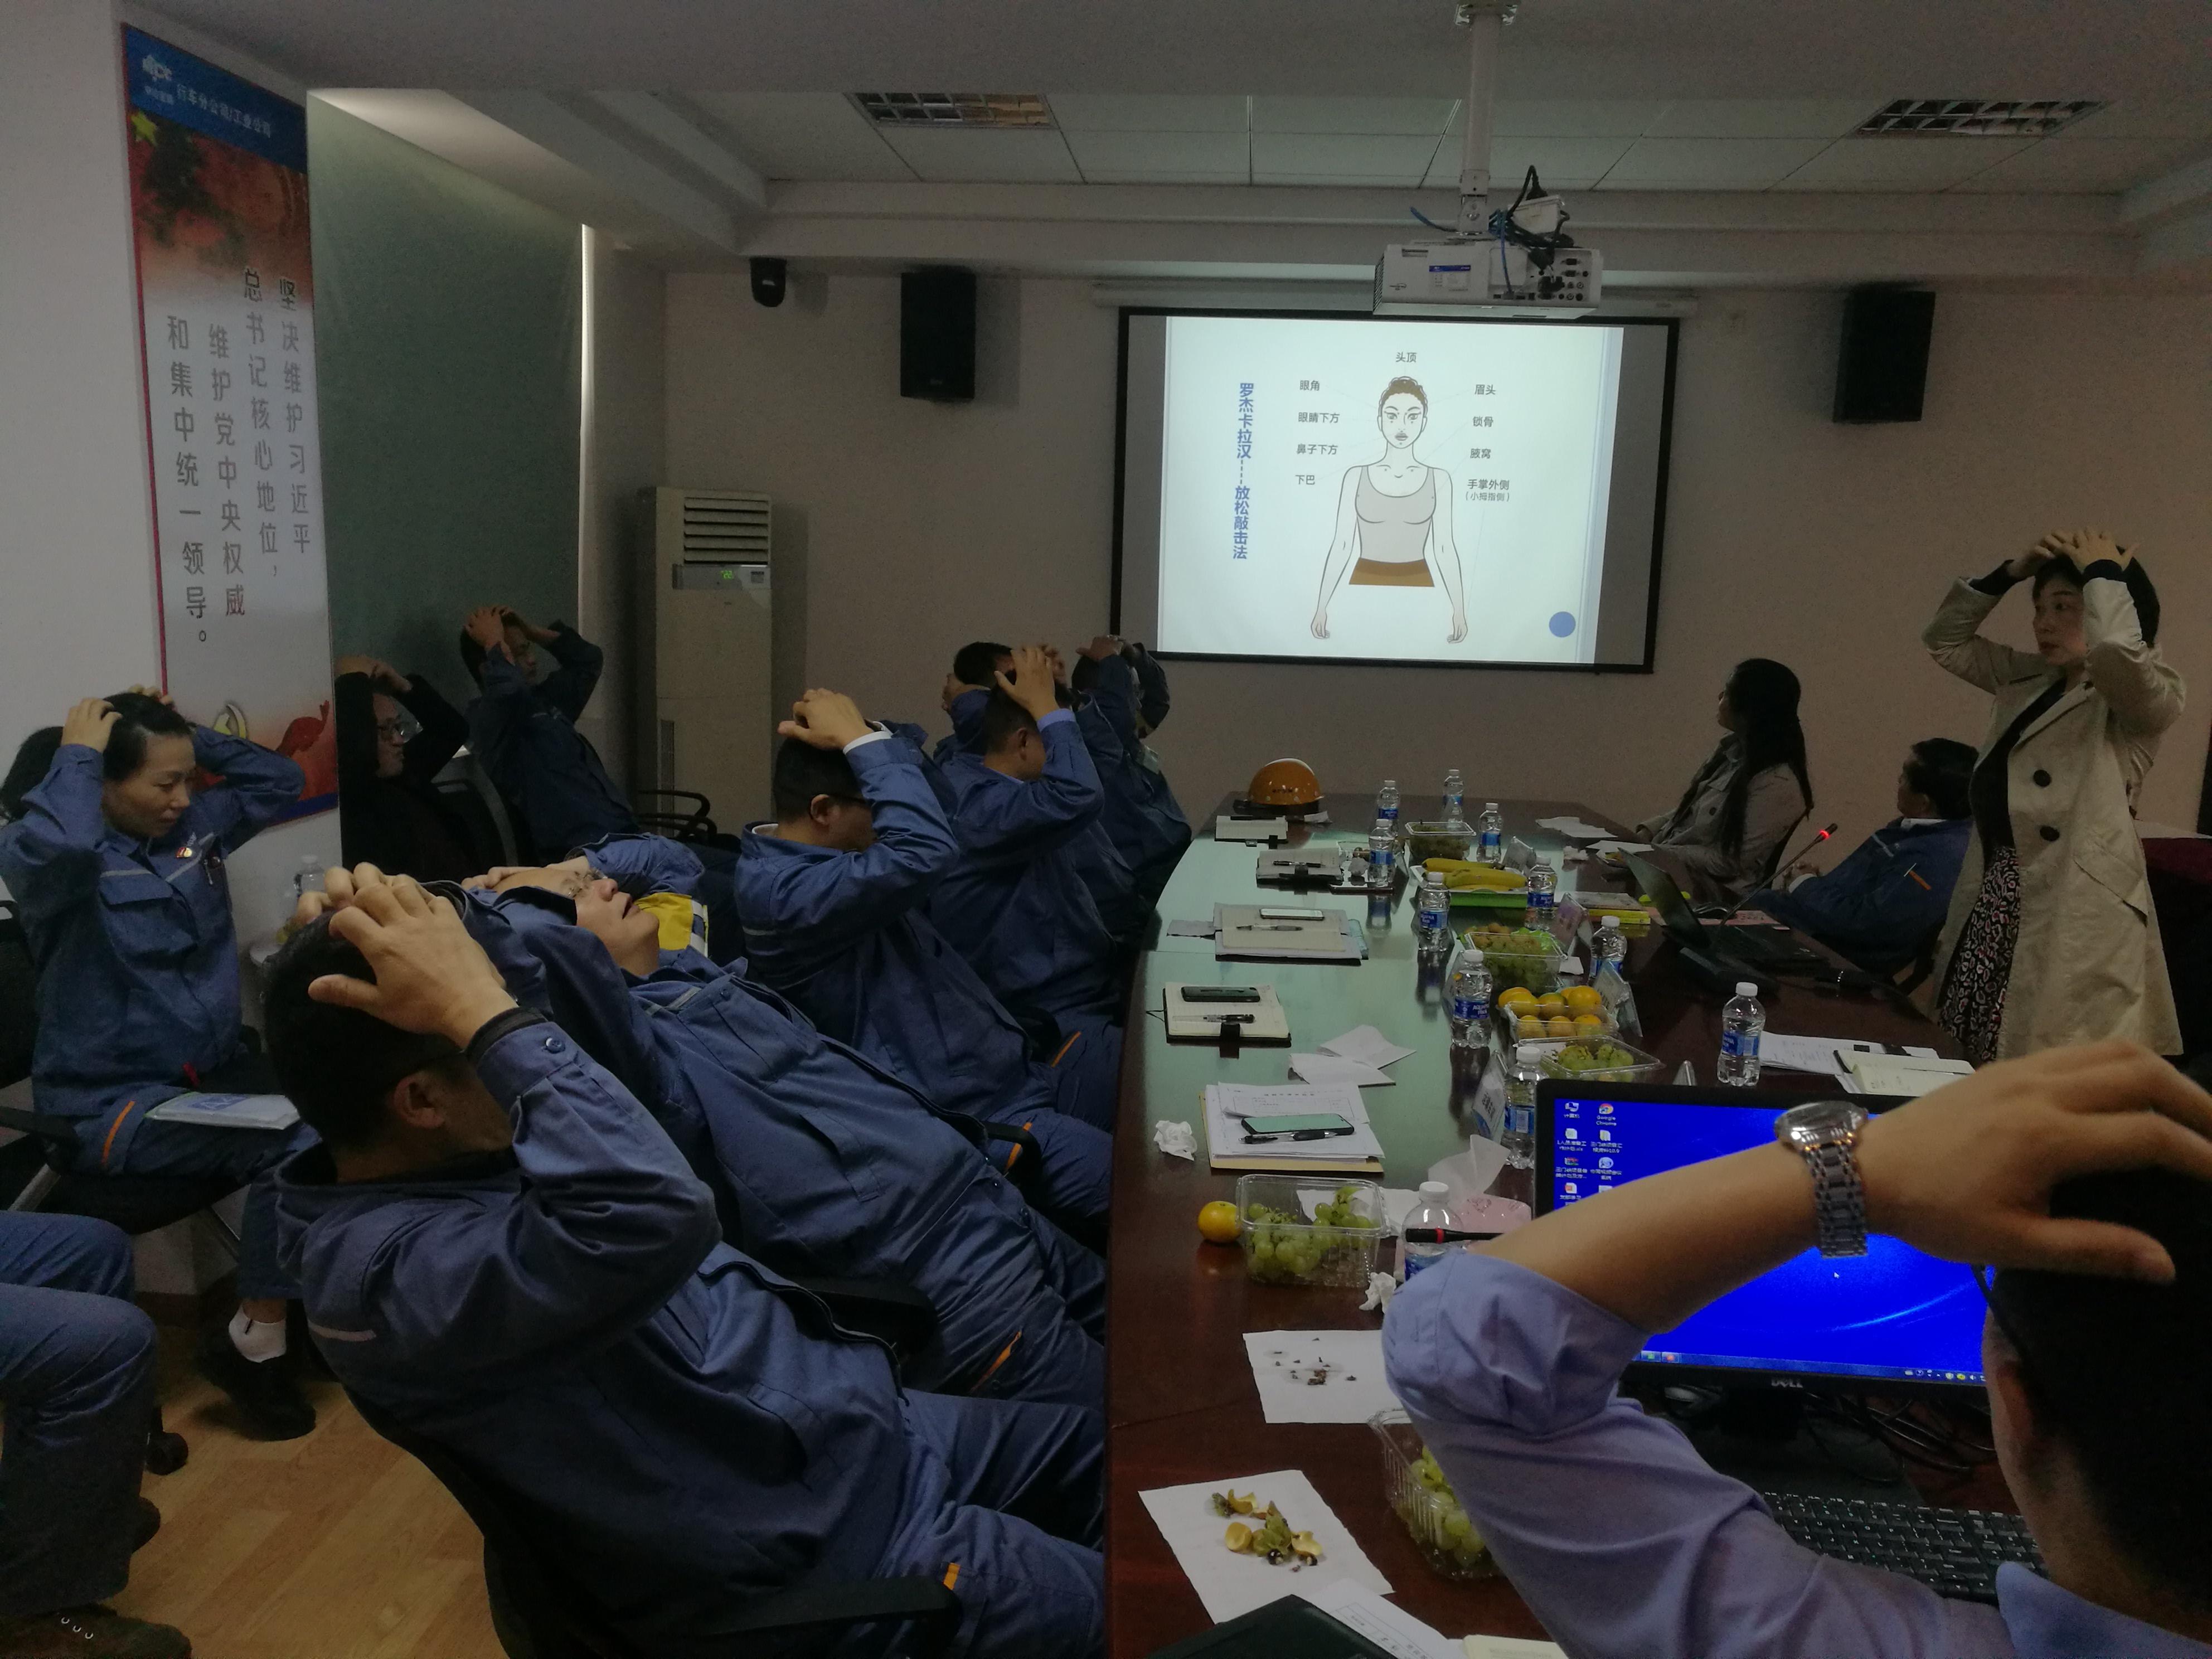 中冶宝钢基层单位开展第一期心理建设辅导讲座